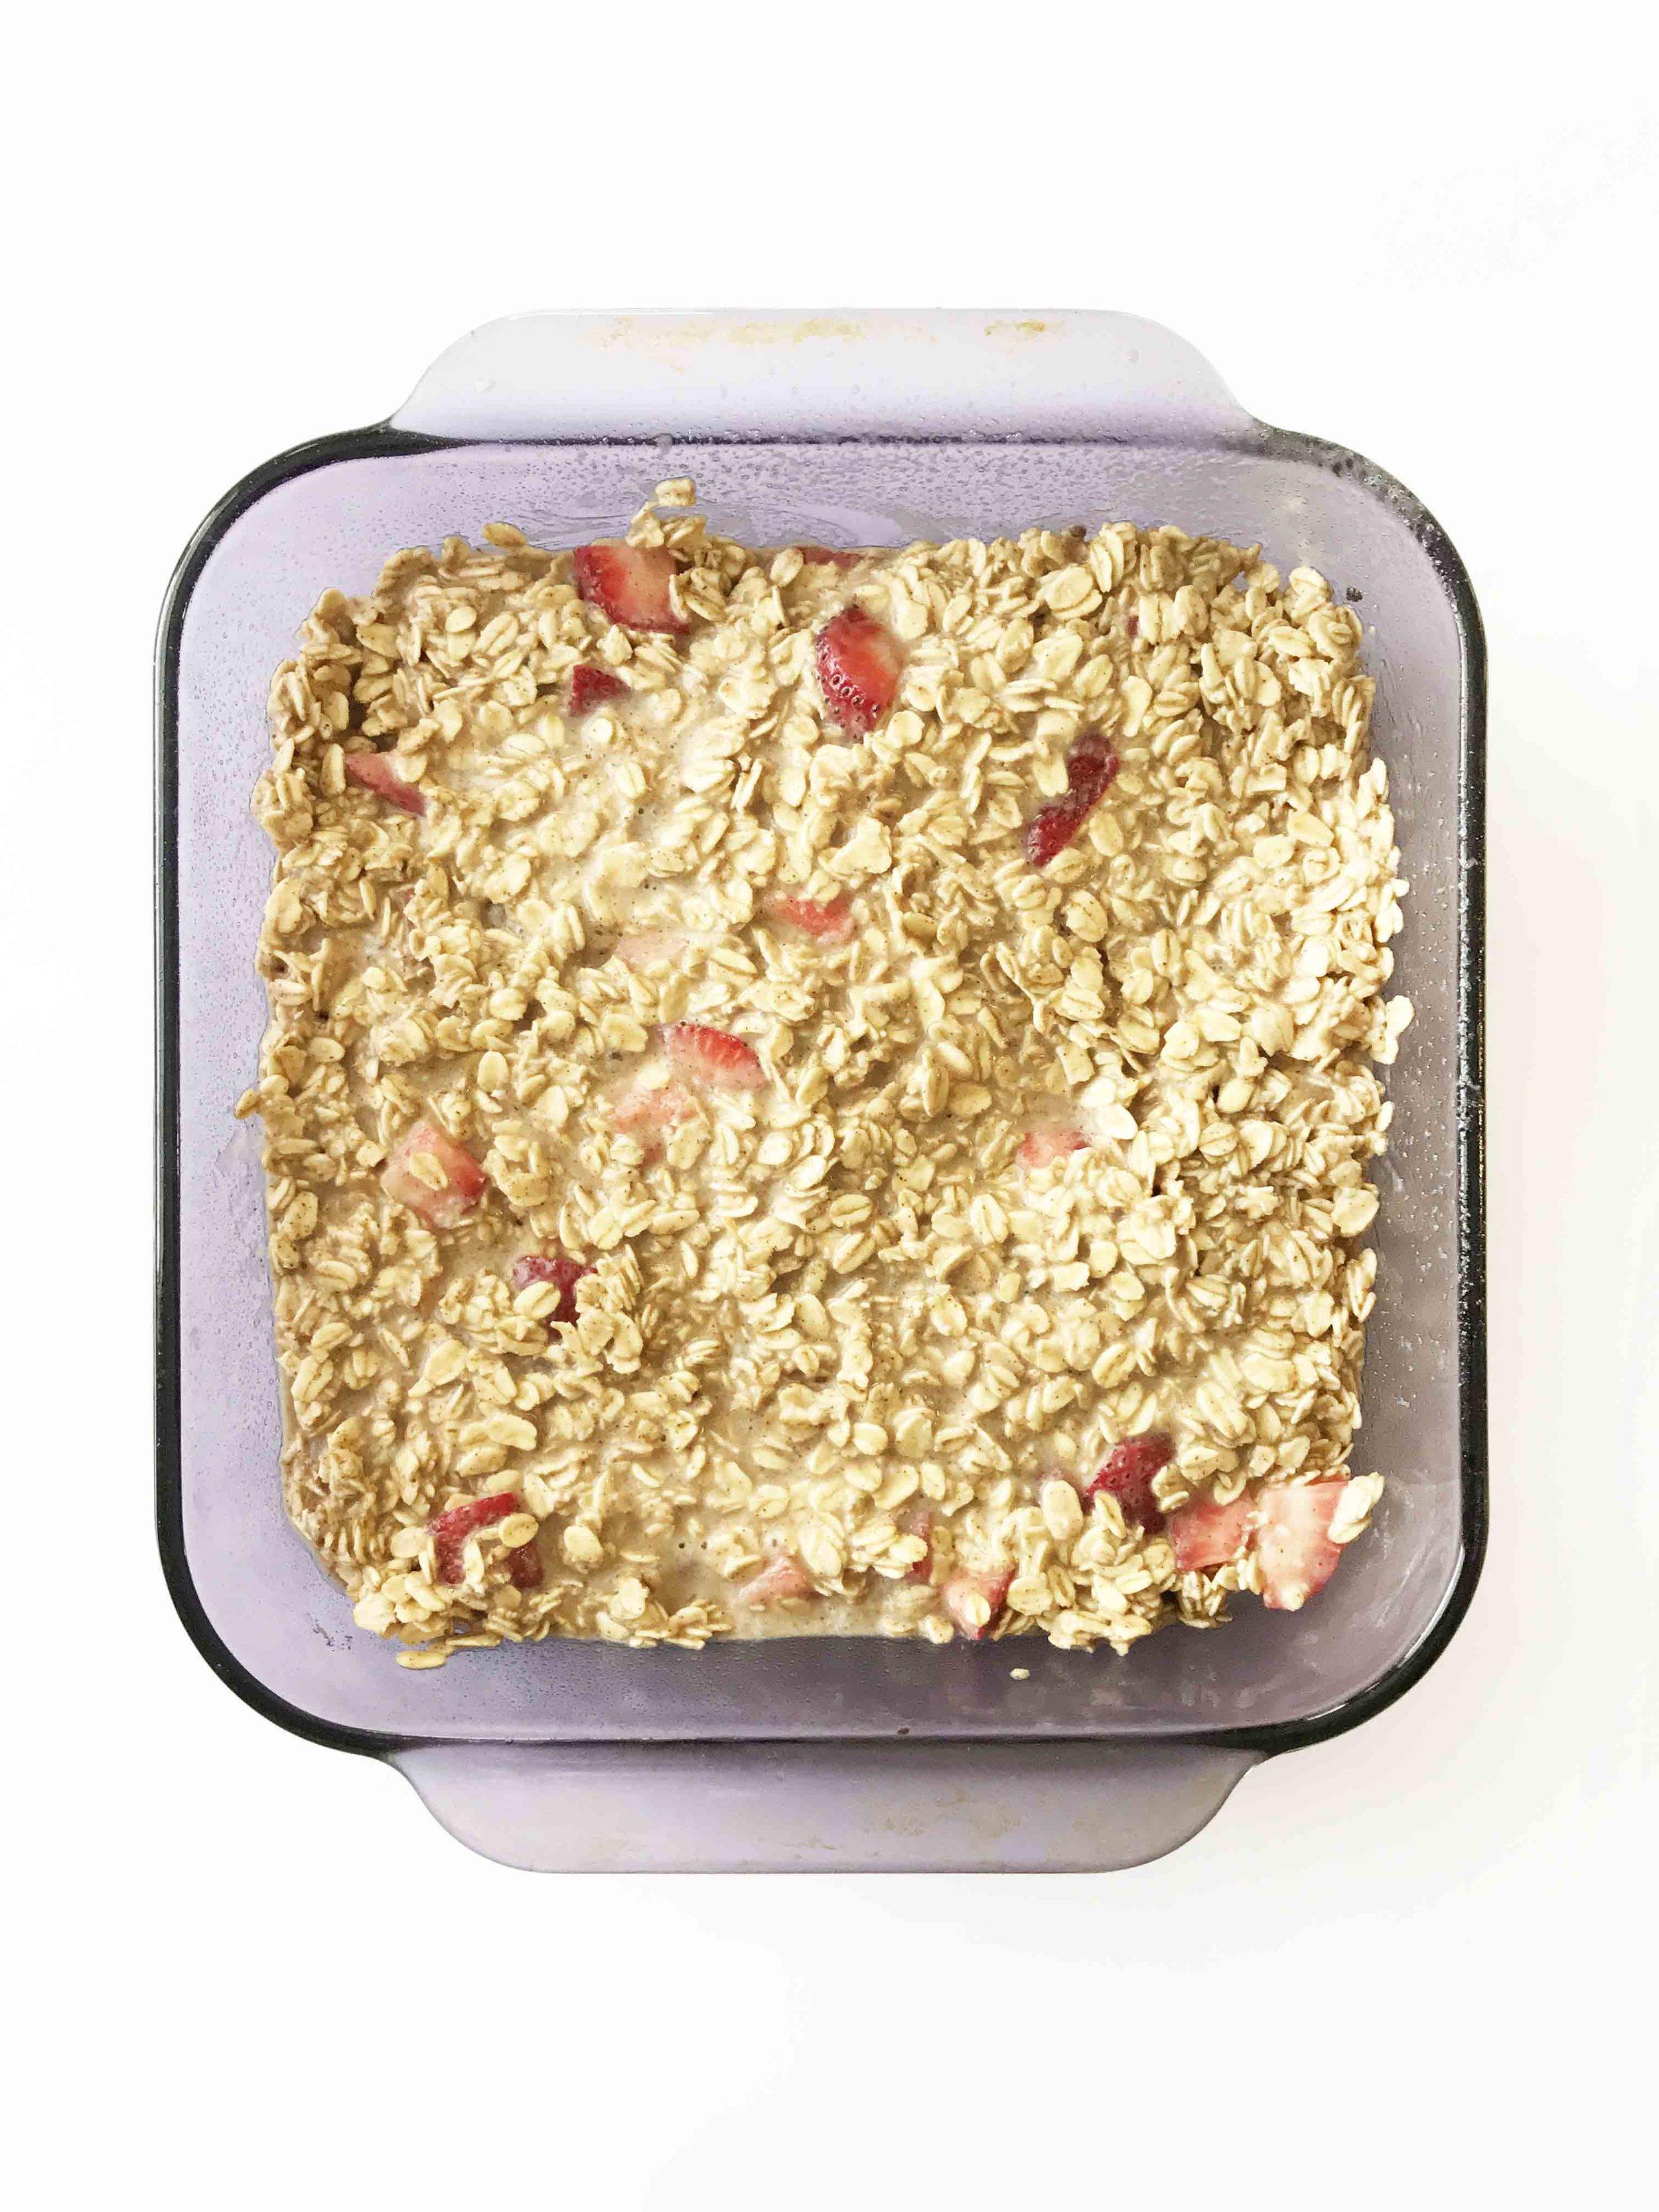 strawberry-oatmeal4.jpg